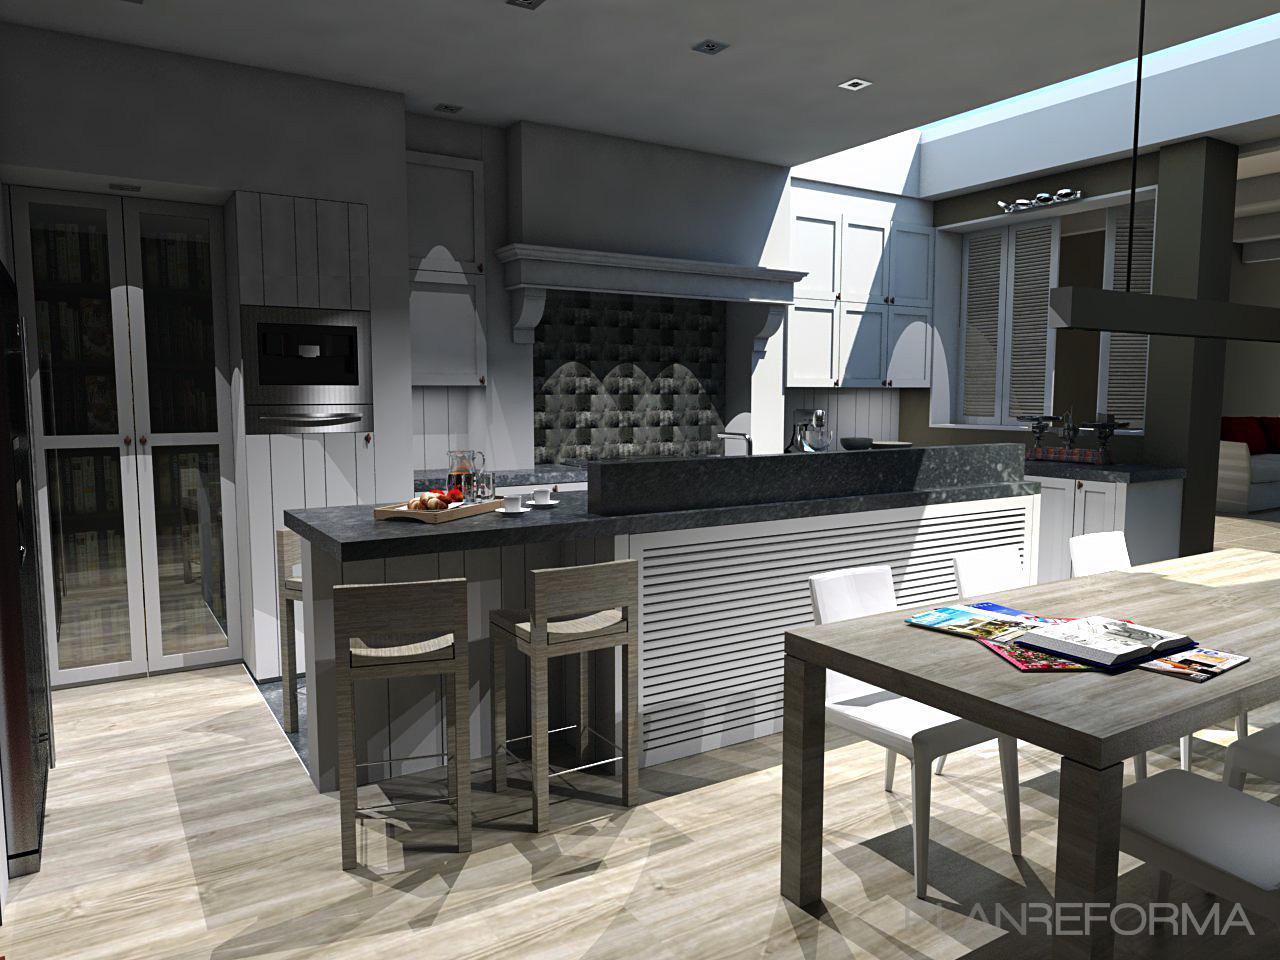 Comedor cocina style rustico color marron gris negro for Cocina comedor rustico